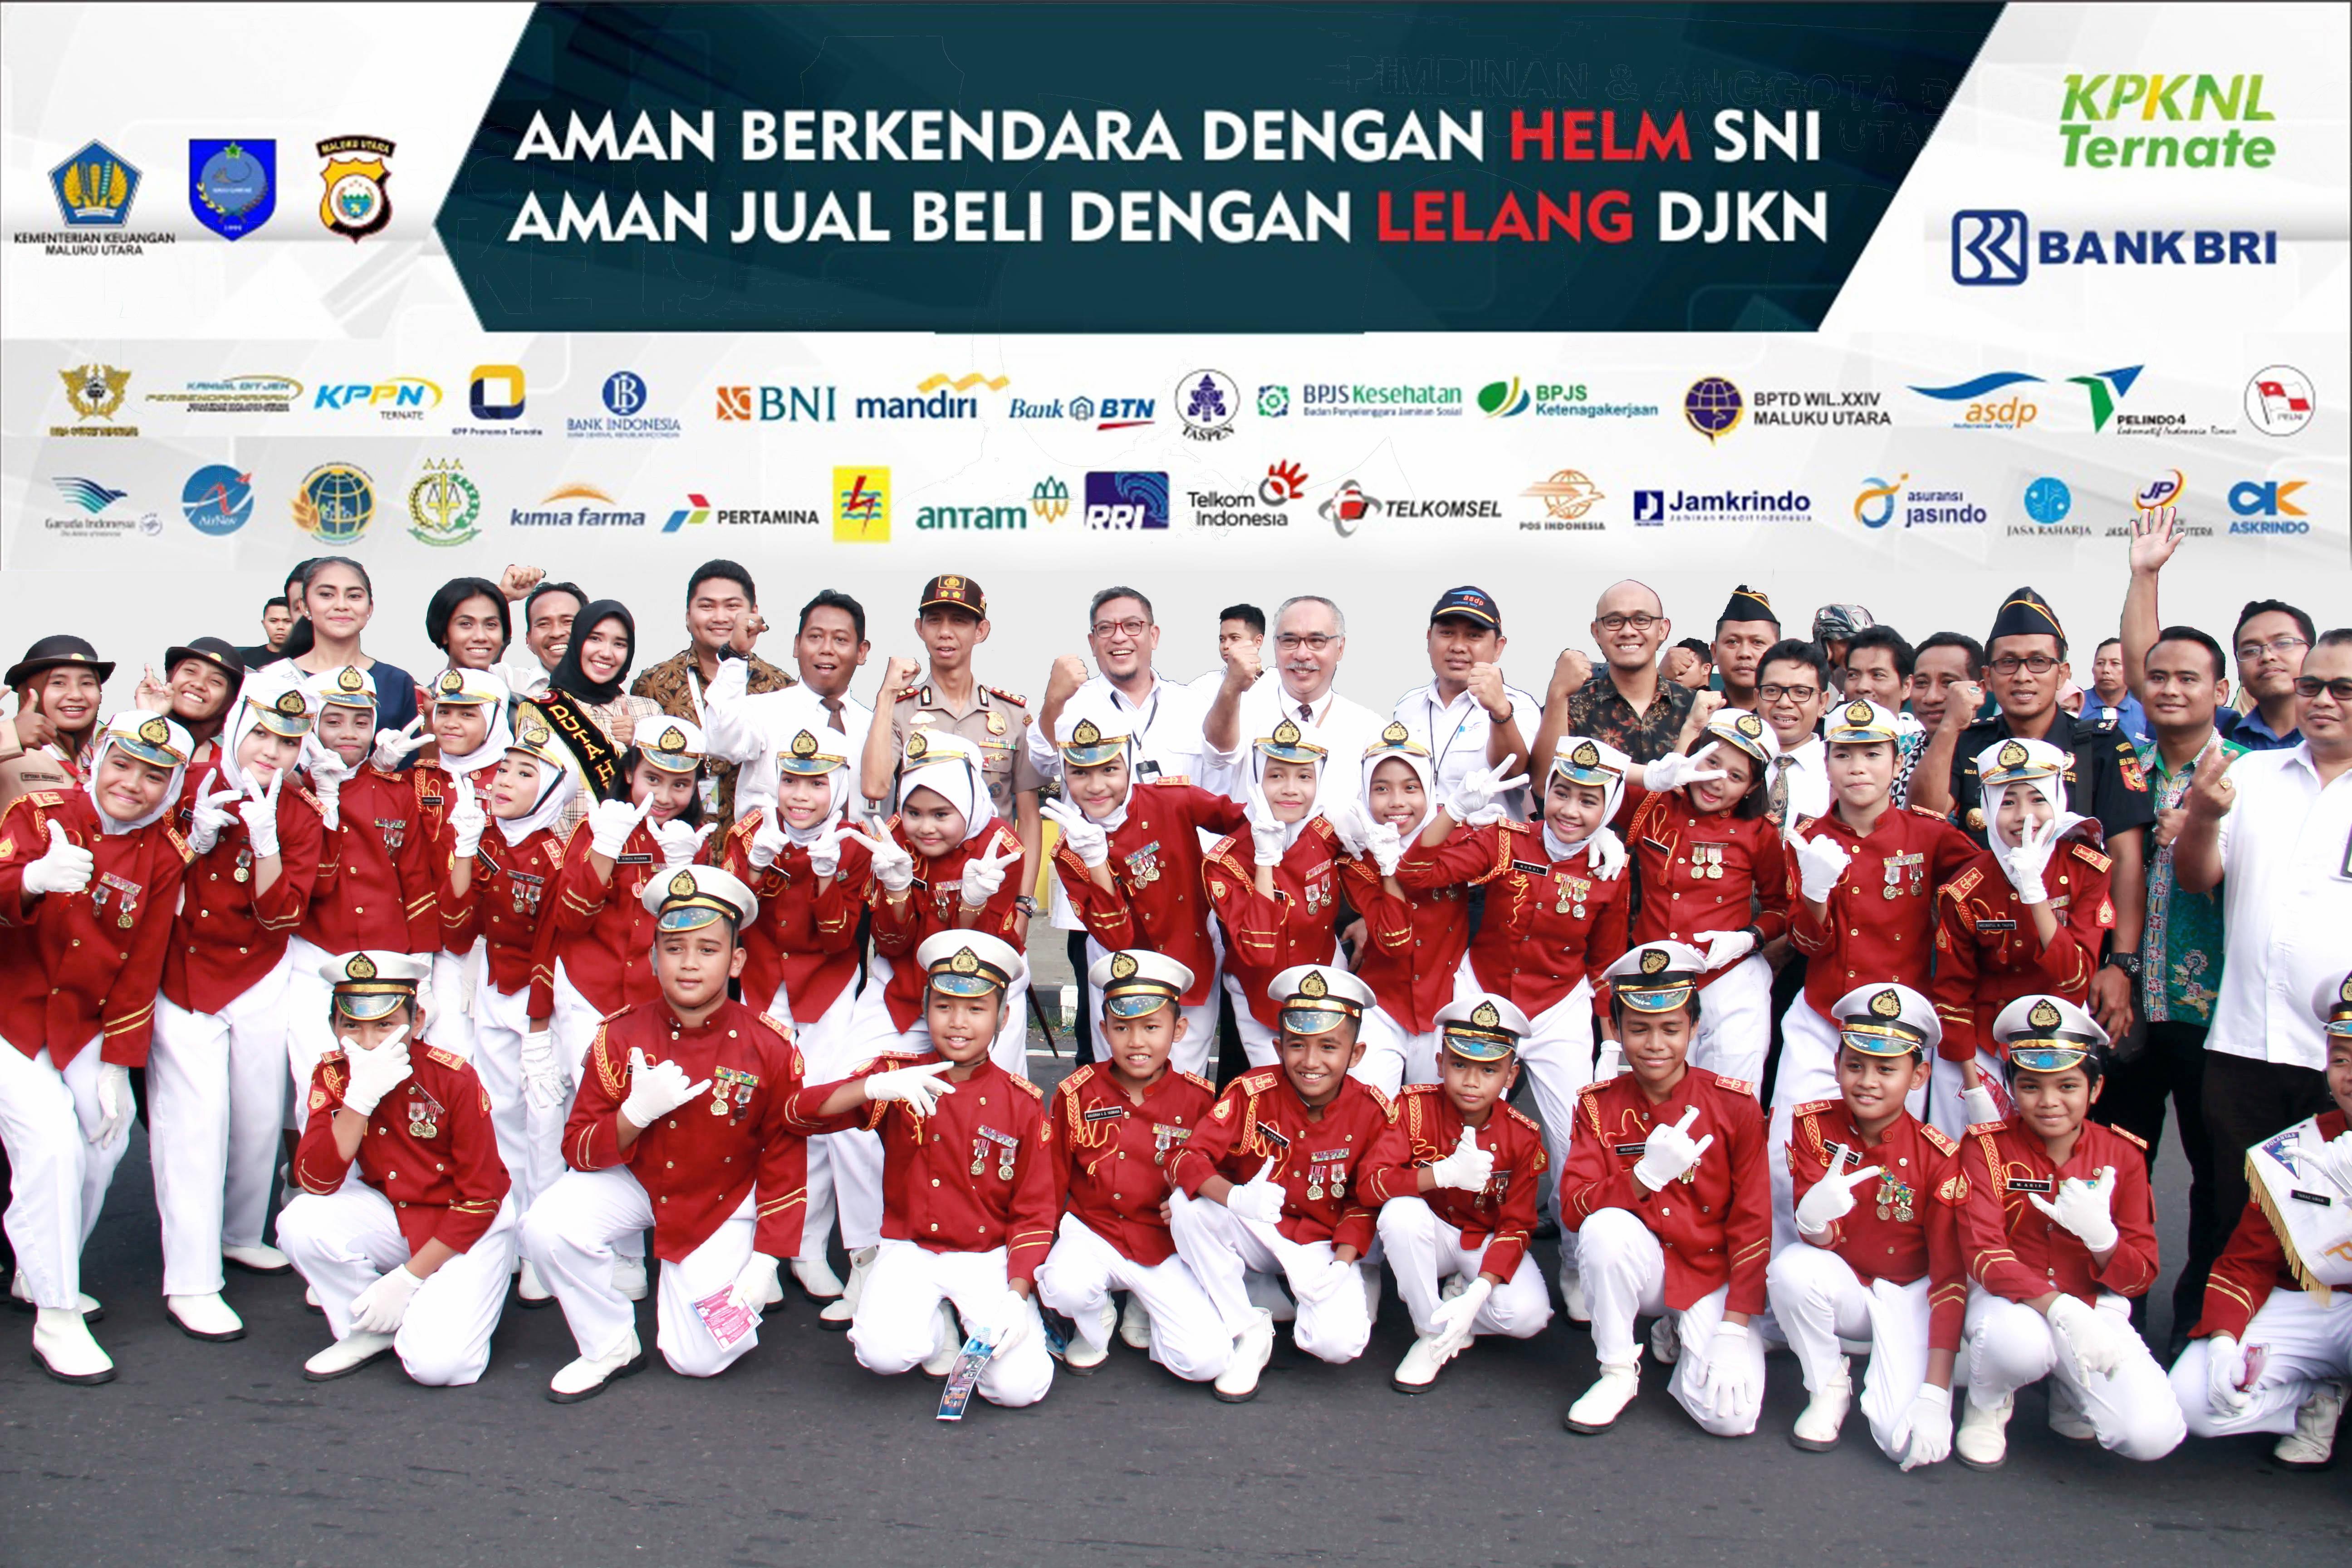 Peringati HUT DJKN Ke-12, KPKNL Ternate Bagikan Helm SNI